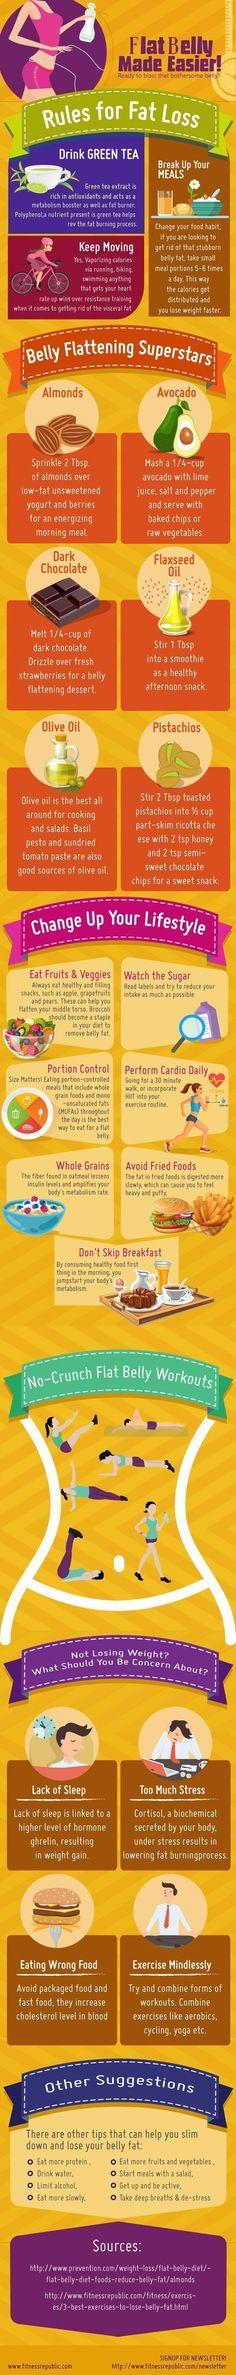 ✿ Healthy Diet - Lose Fat Diet| Weight Loss Diet | Healthy Diets ✿ ✿ Diet Recipes | diet shakes | Lose Weight Diet✿ #WorkoutPlan #Health #healthydiettipslifestyle